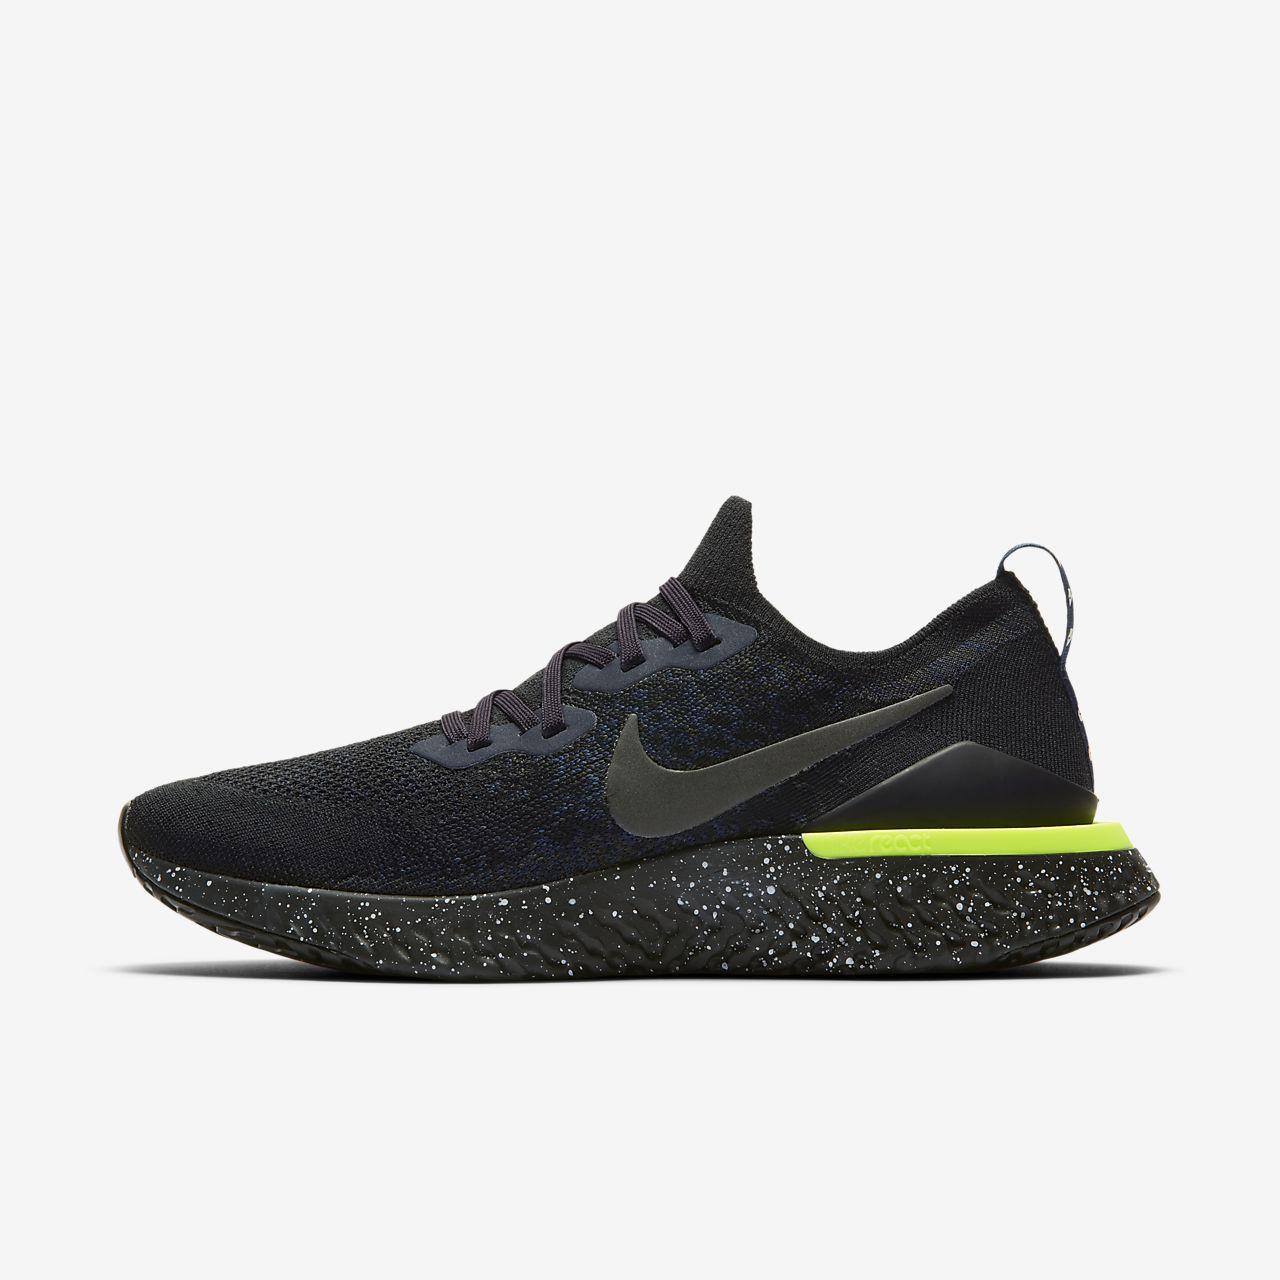 Löparsko Nike Epic React Flyknit 2 SE för män